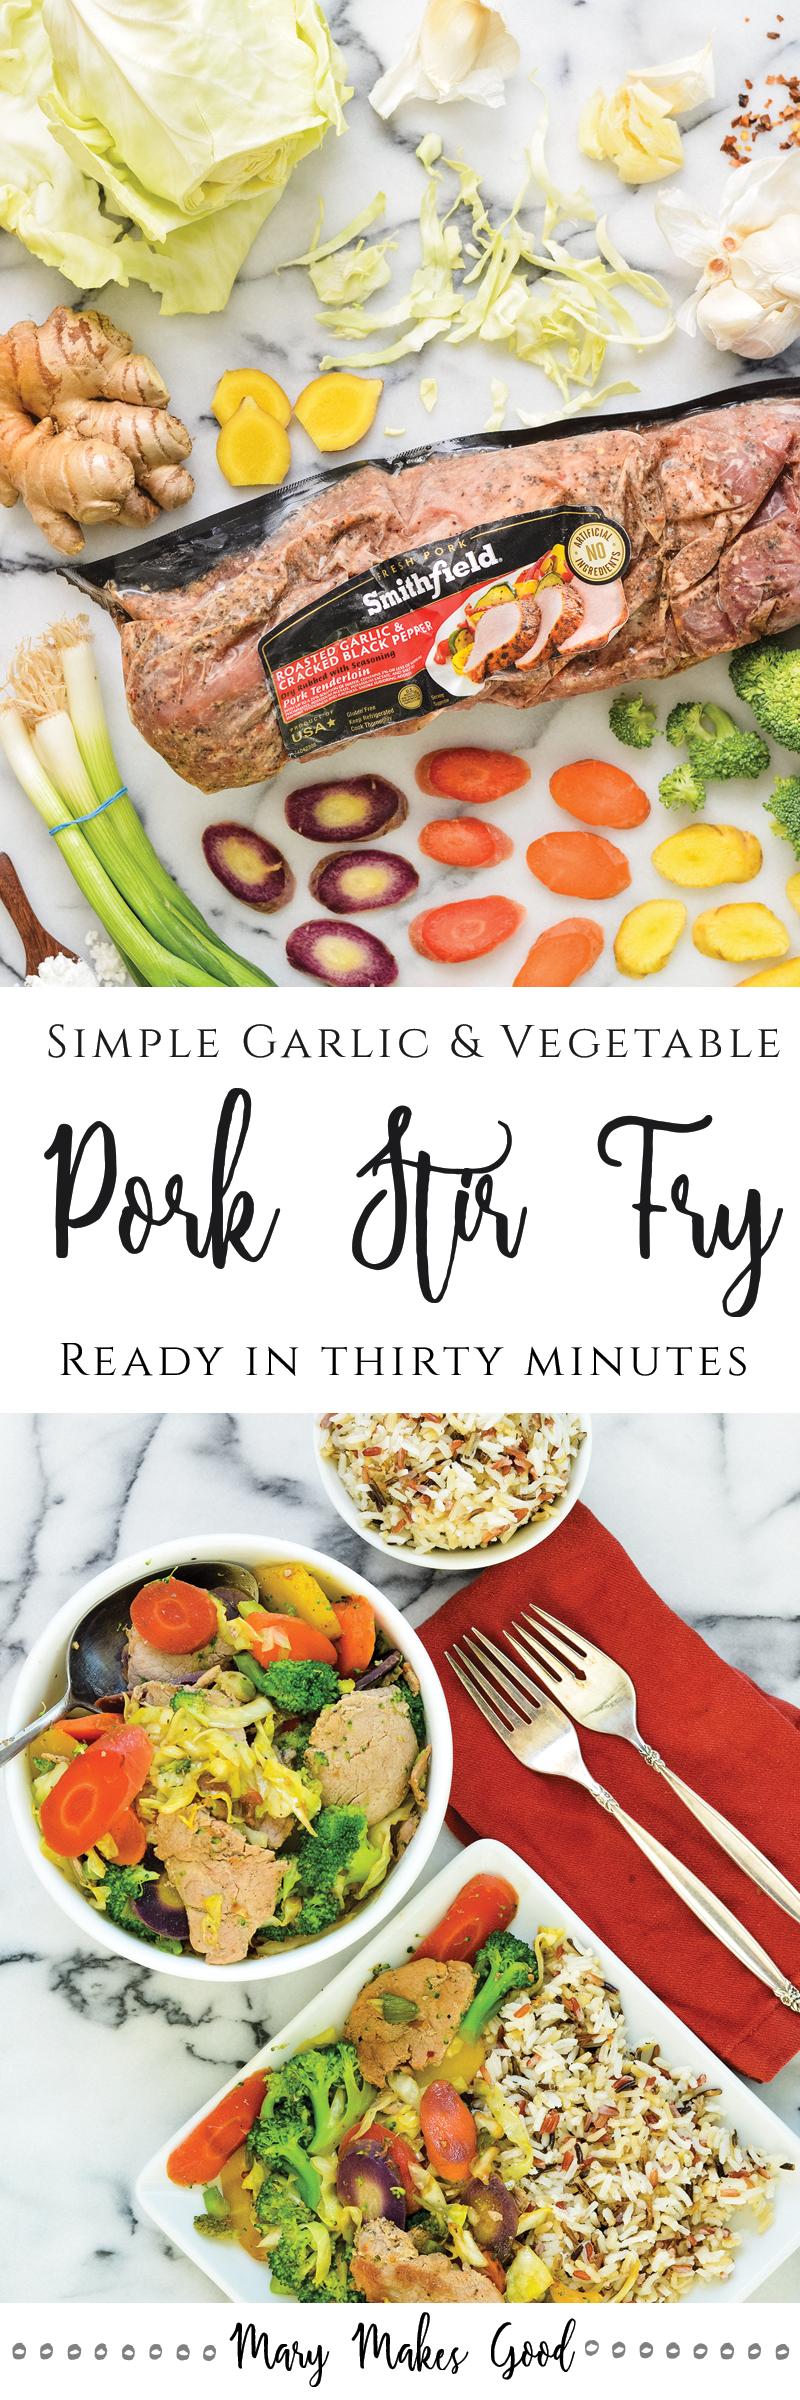 Simple Pork Stir Fry -  A 30 Minute Recipe Sponsored by Smithfield®